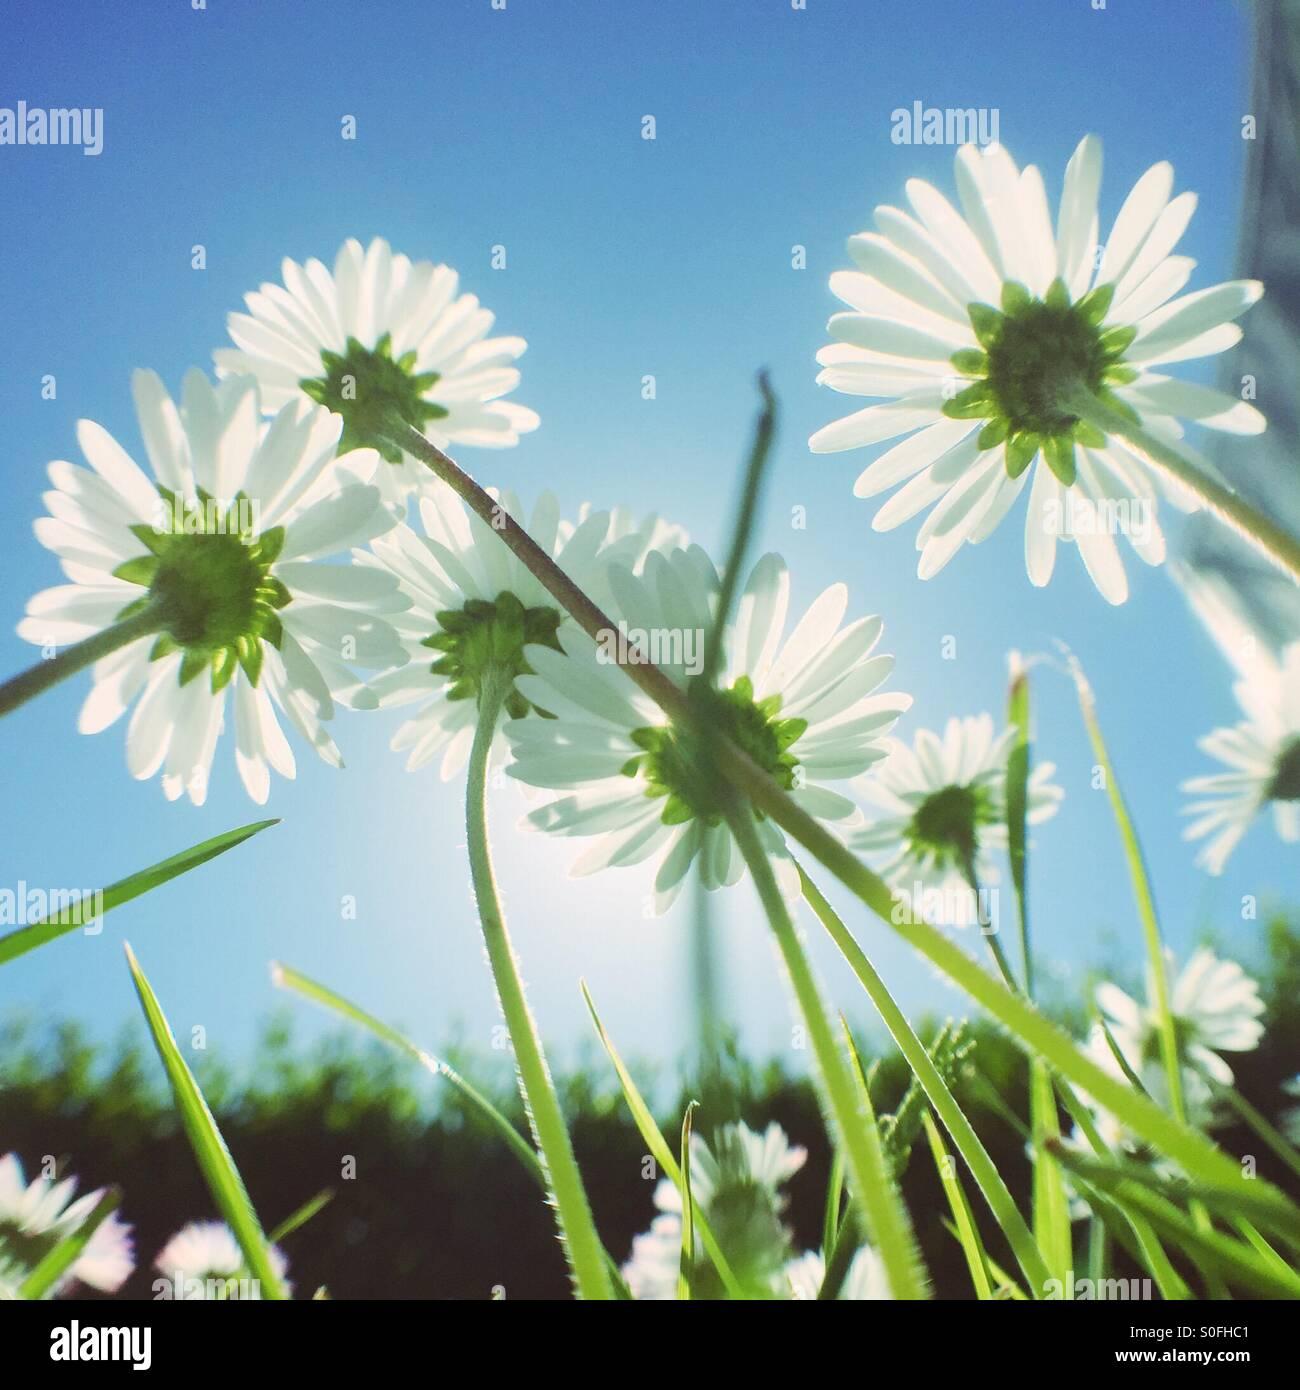 Fleurs Daisy Photo Stock